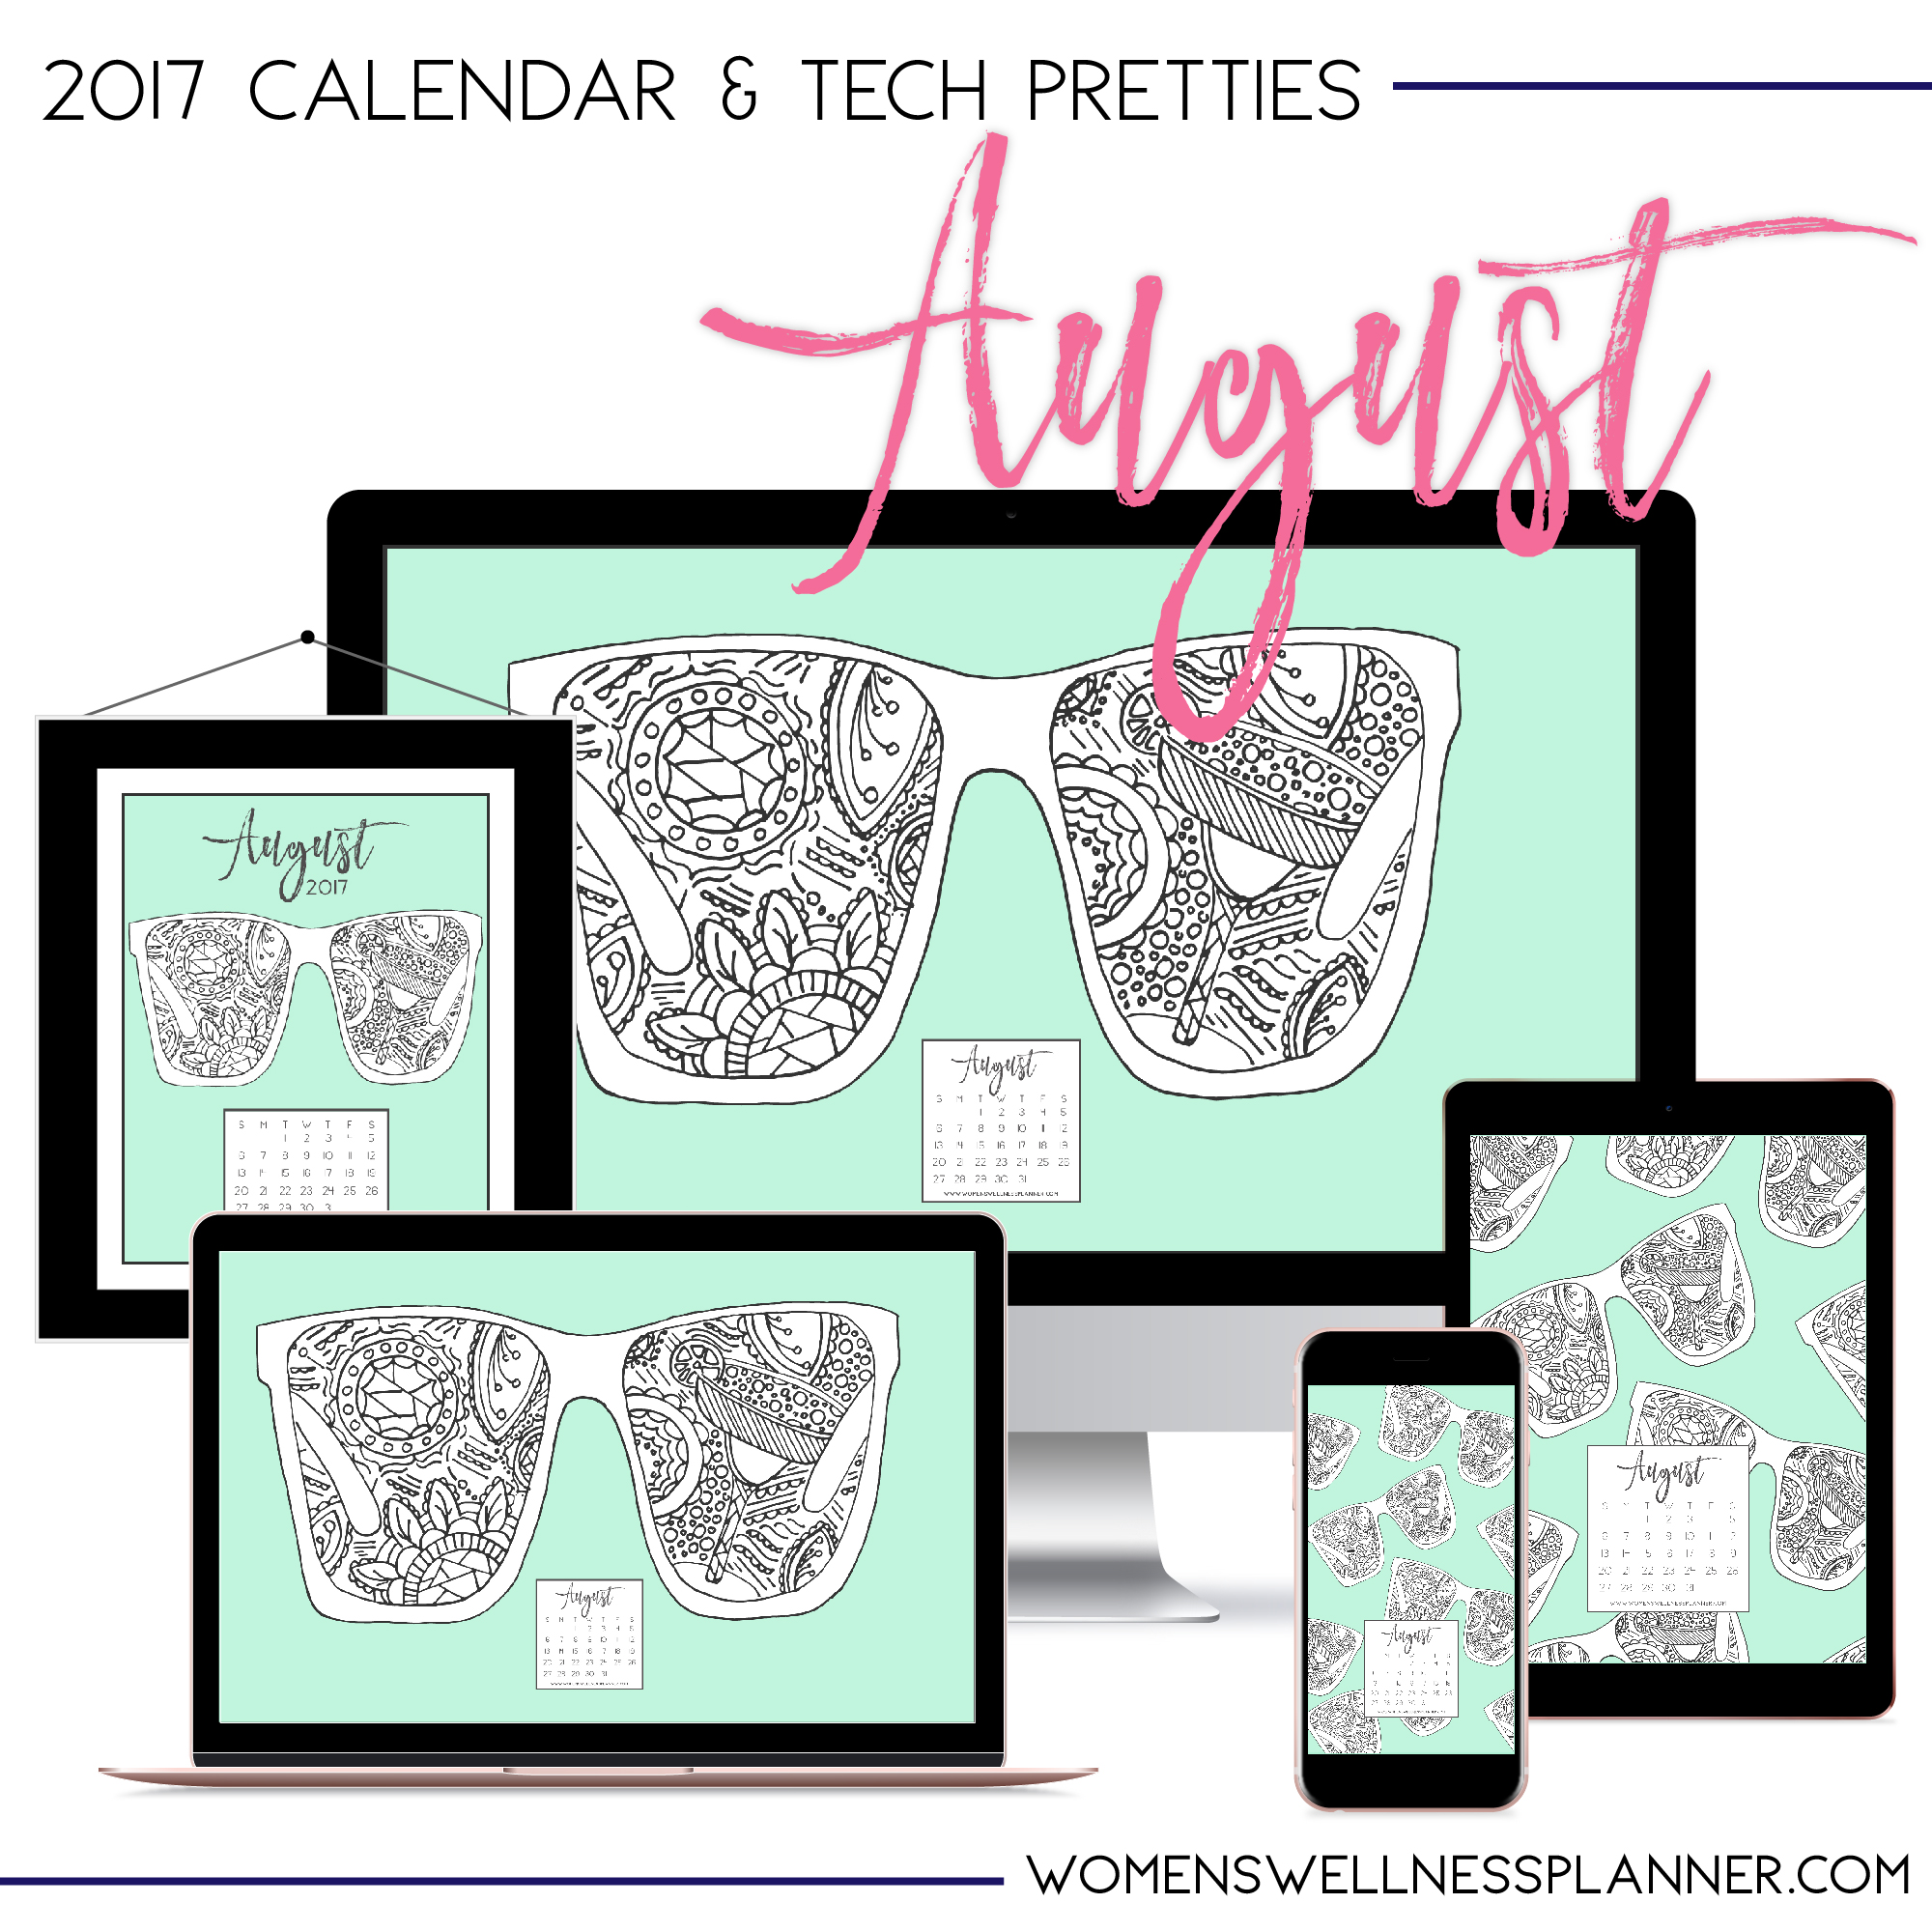 August 2017 Printable Calendar & Tech Pretties | Women's Wellness Planner